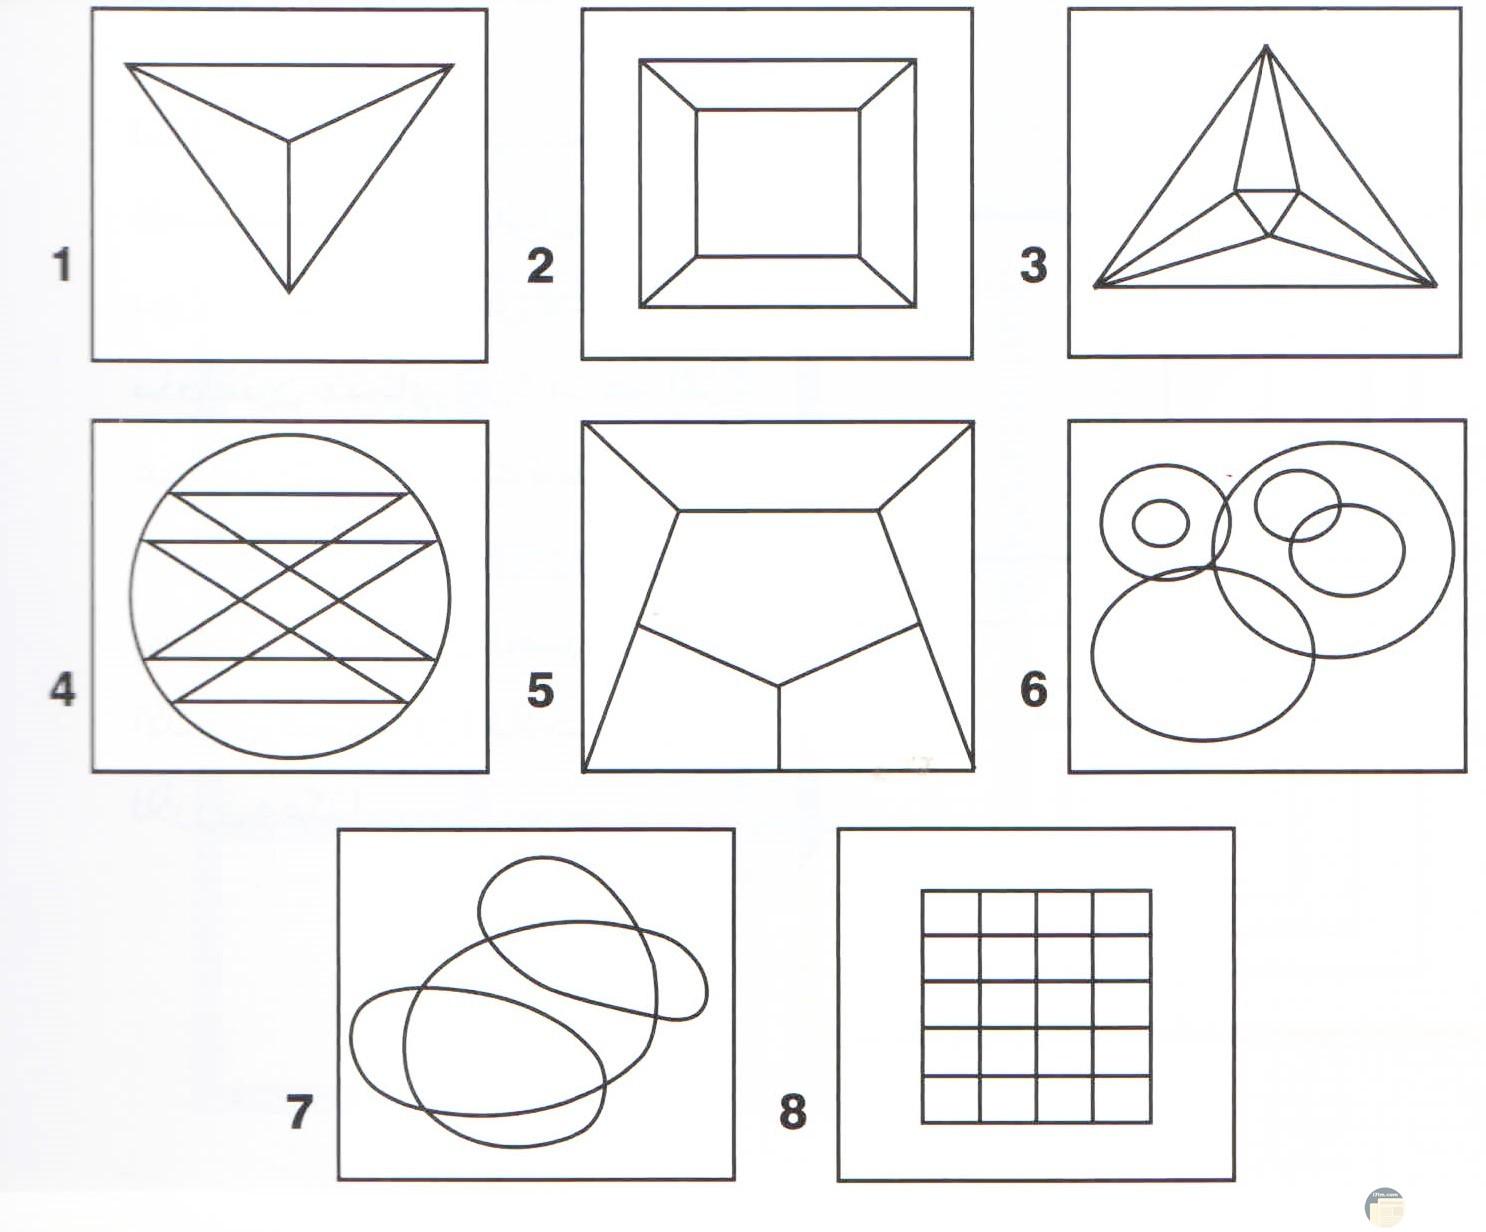 أشكال هندسية جاهزة للتلوين